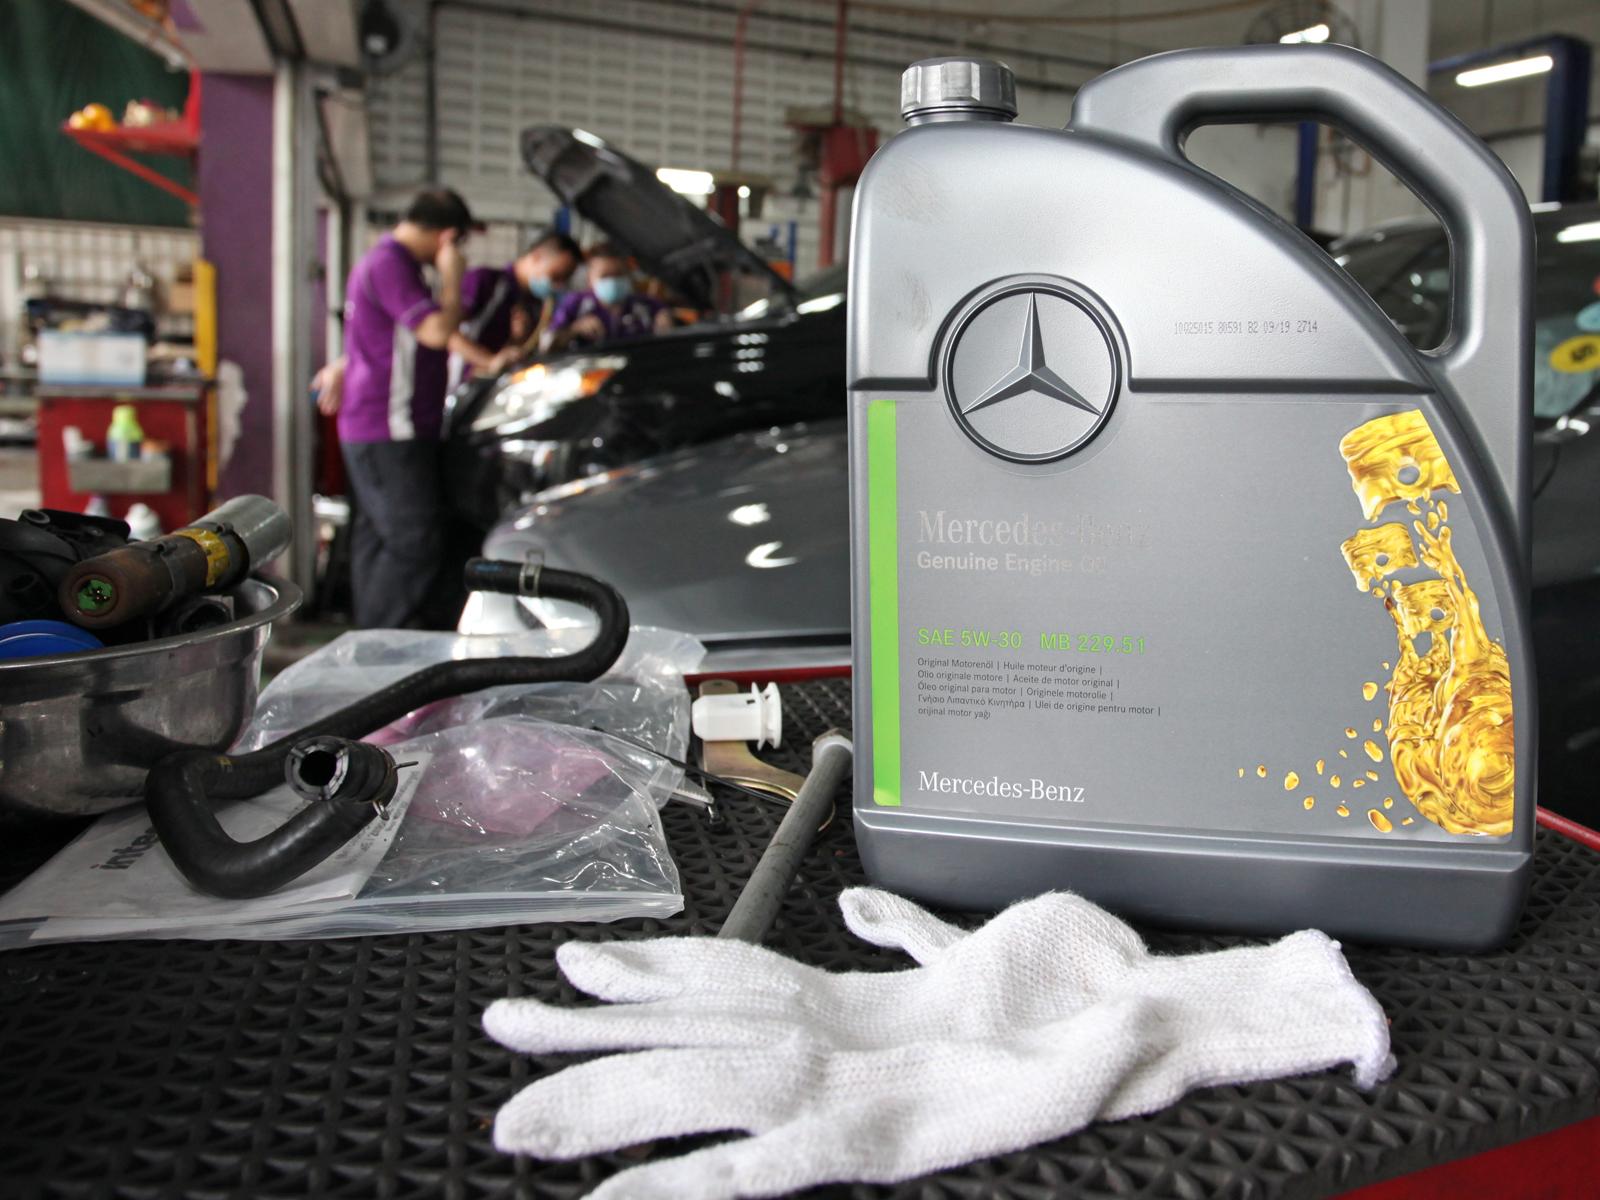 Genuine Mercedes-Benz MB229.51 SAE 5W30 Vehicle Servicing (For Mercedes-Benz A-Class / B-Class / C-Class / GLA-Class / GLC-Class)